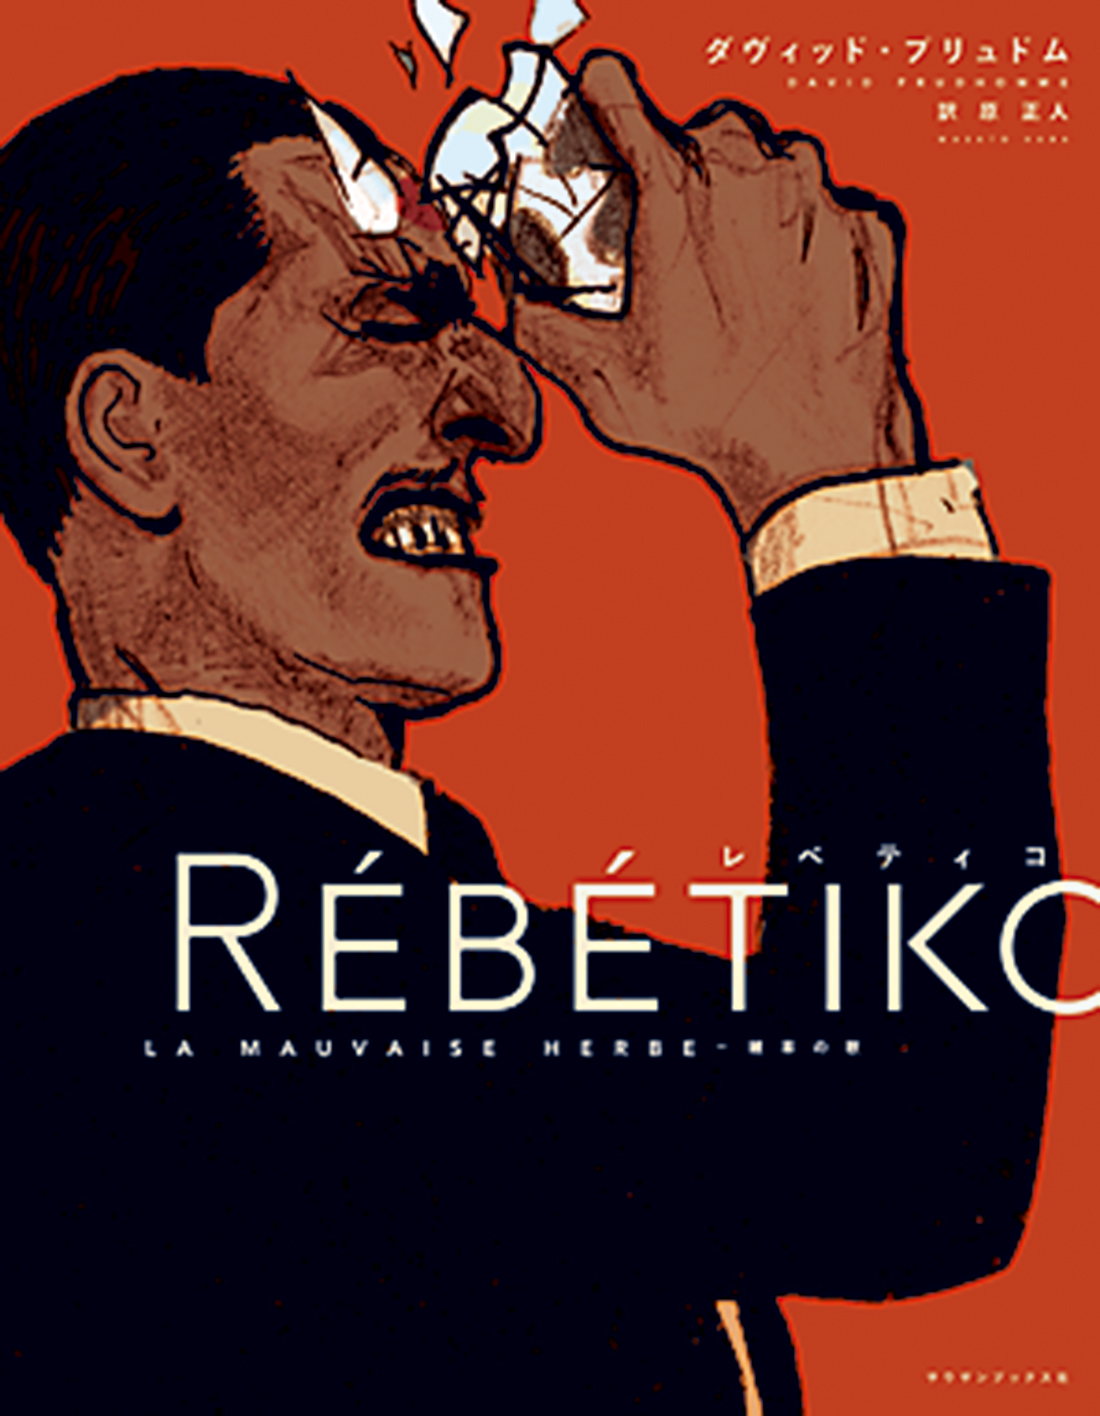 レベティコ  -雑草の歌